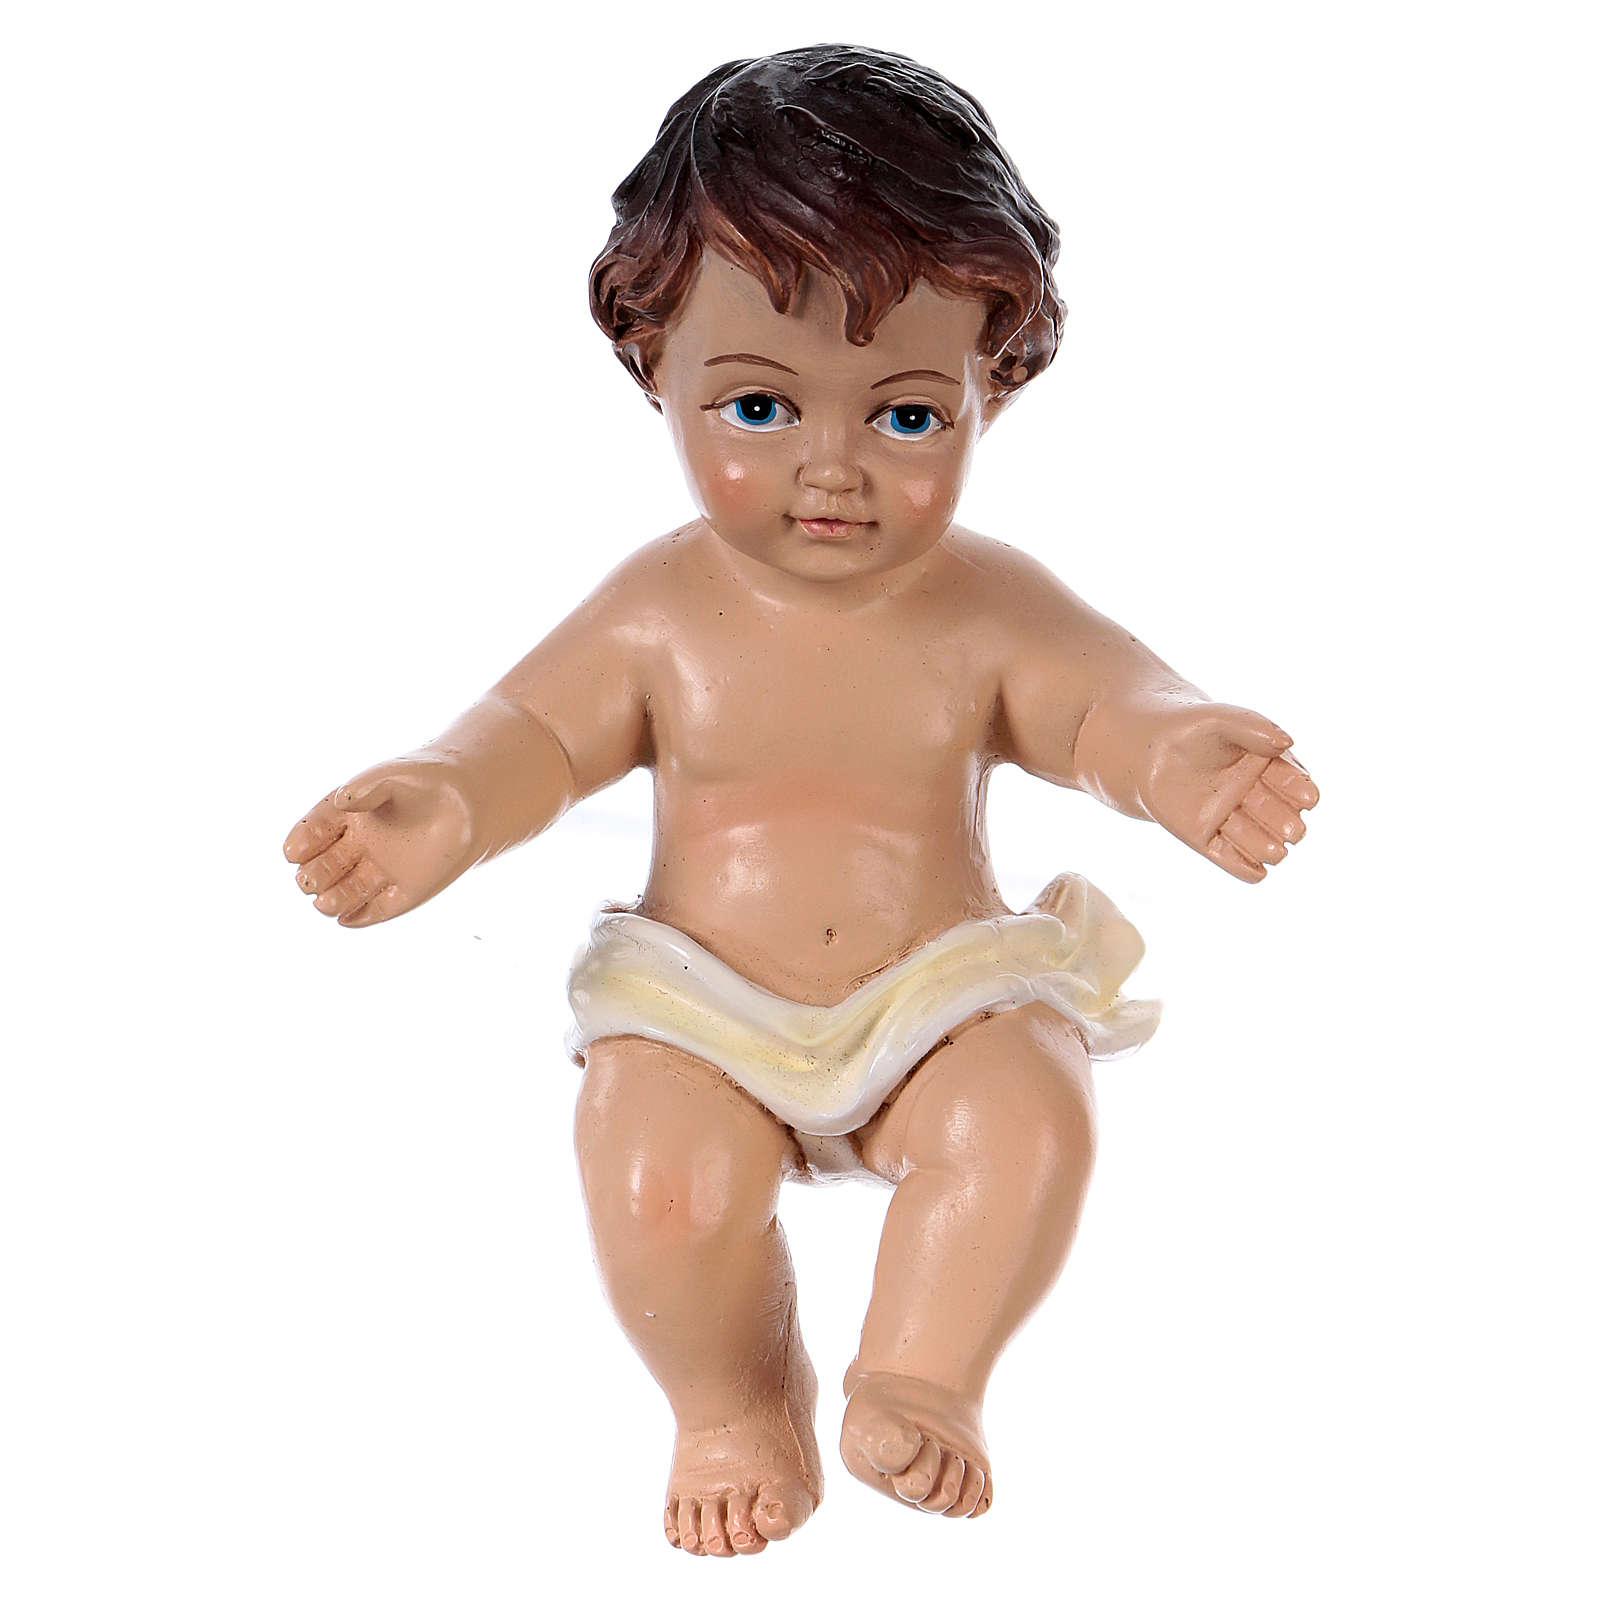 Enfant Jésus h réelle 10,5 cm résine 3